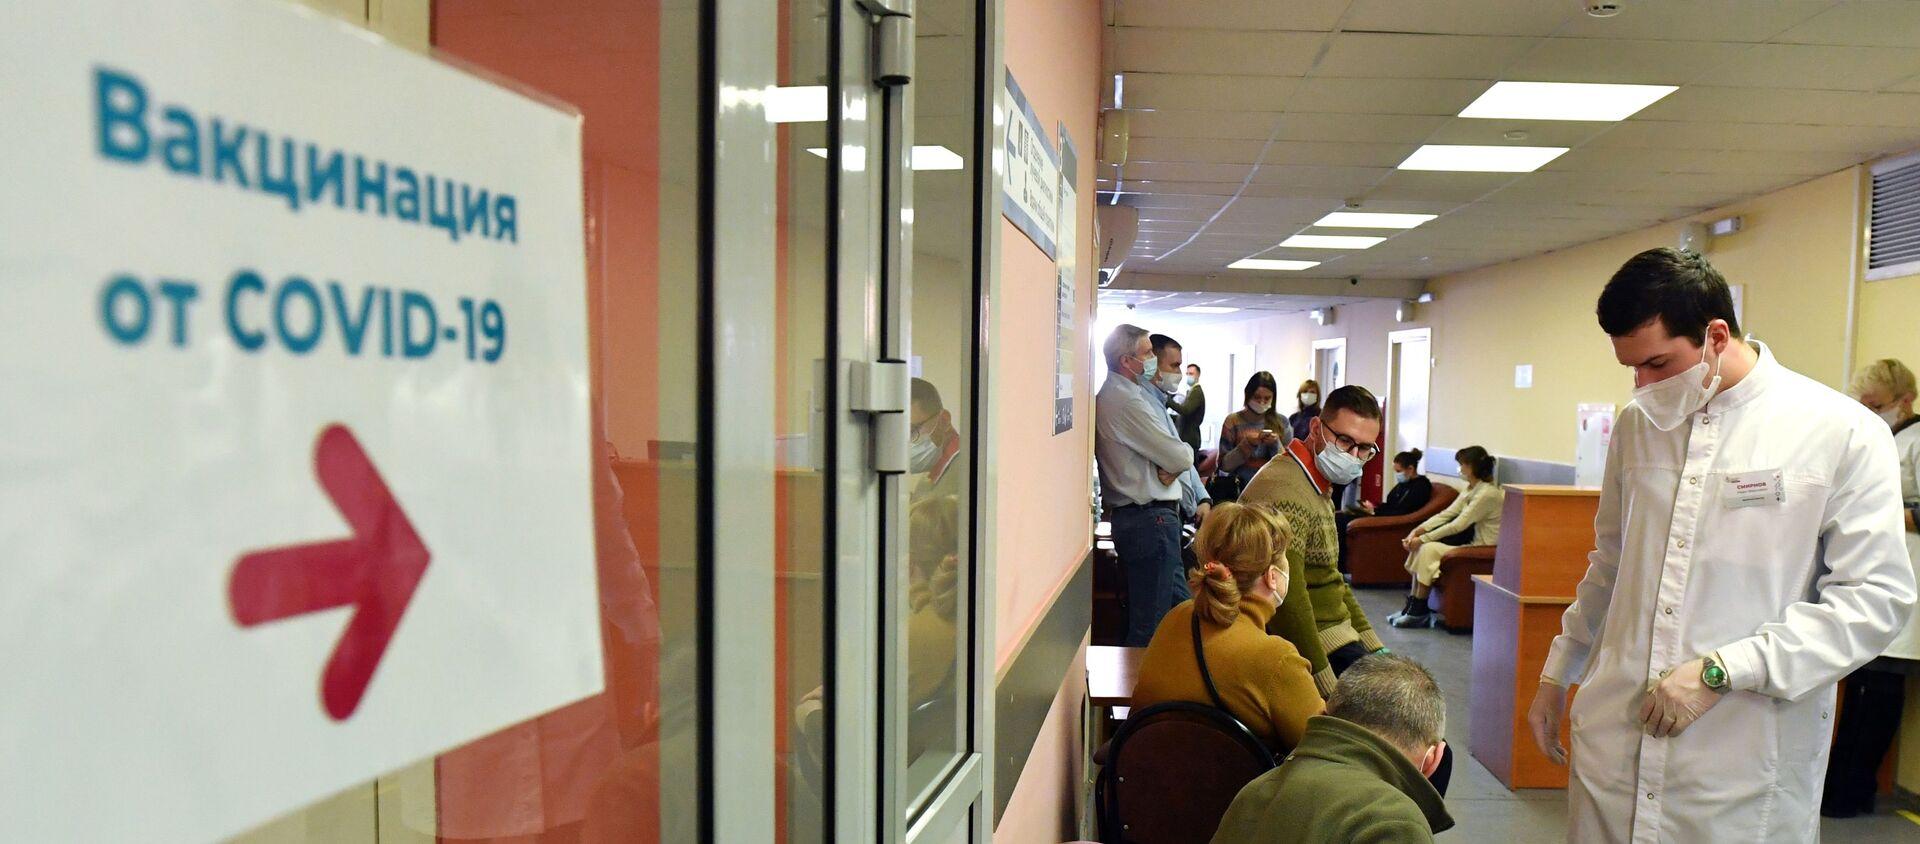 Очередь перед процедурным кабинетом, где проходит вакцинация - Sputnik Беларусь, 1920, 18.05.2021